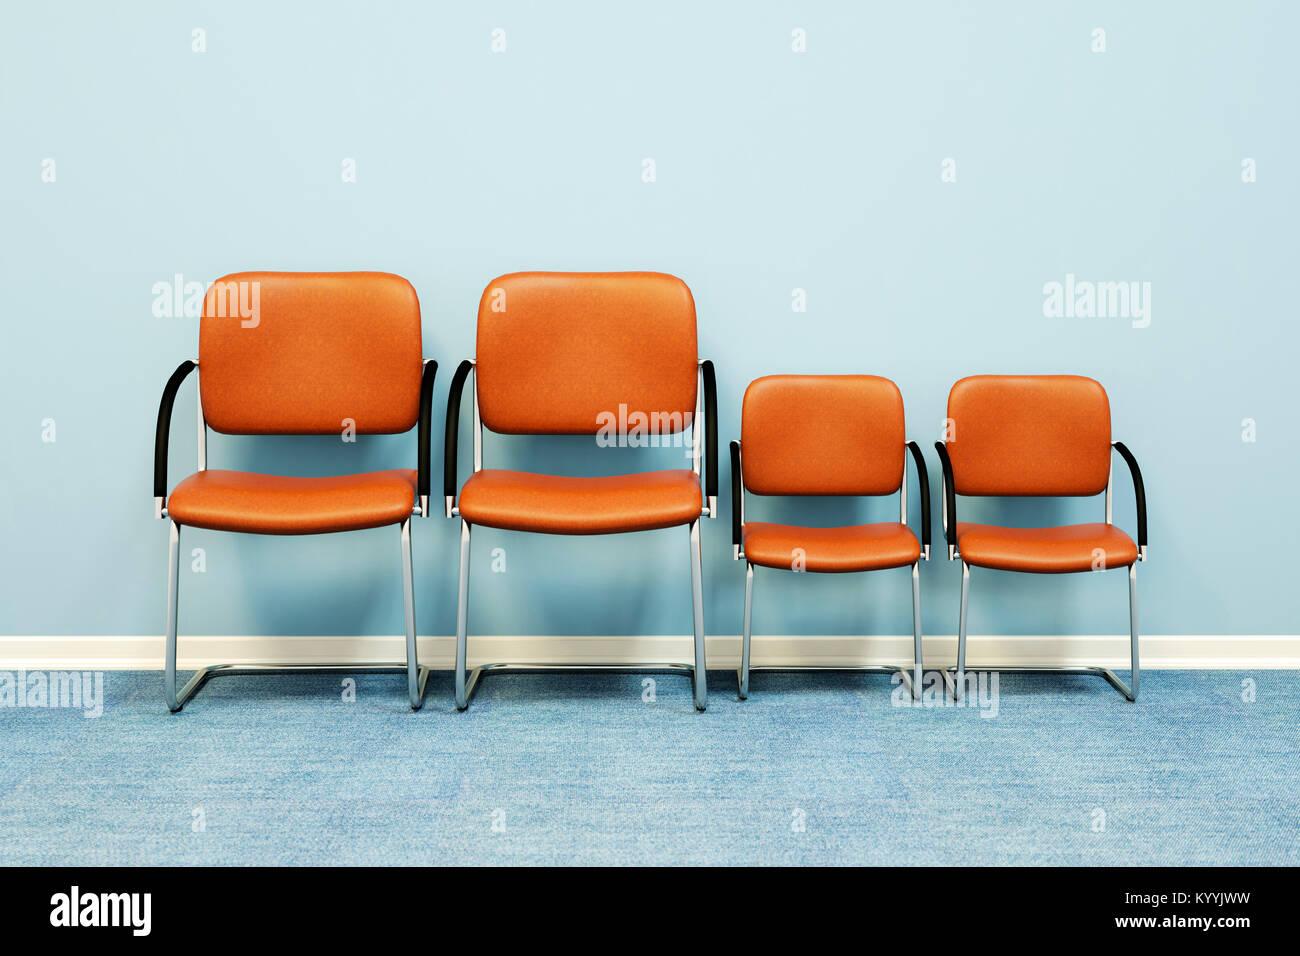 Deux grandes et deux petites chaises dans une rangée contre un mur dans une salle vide - concept de famille Photo Stock